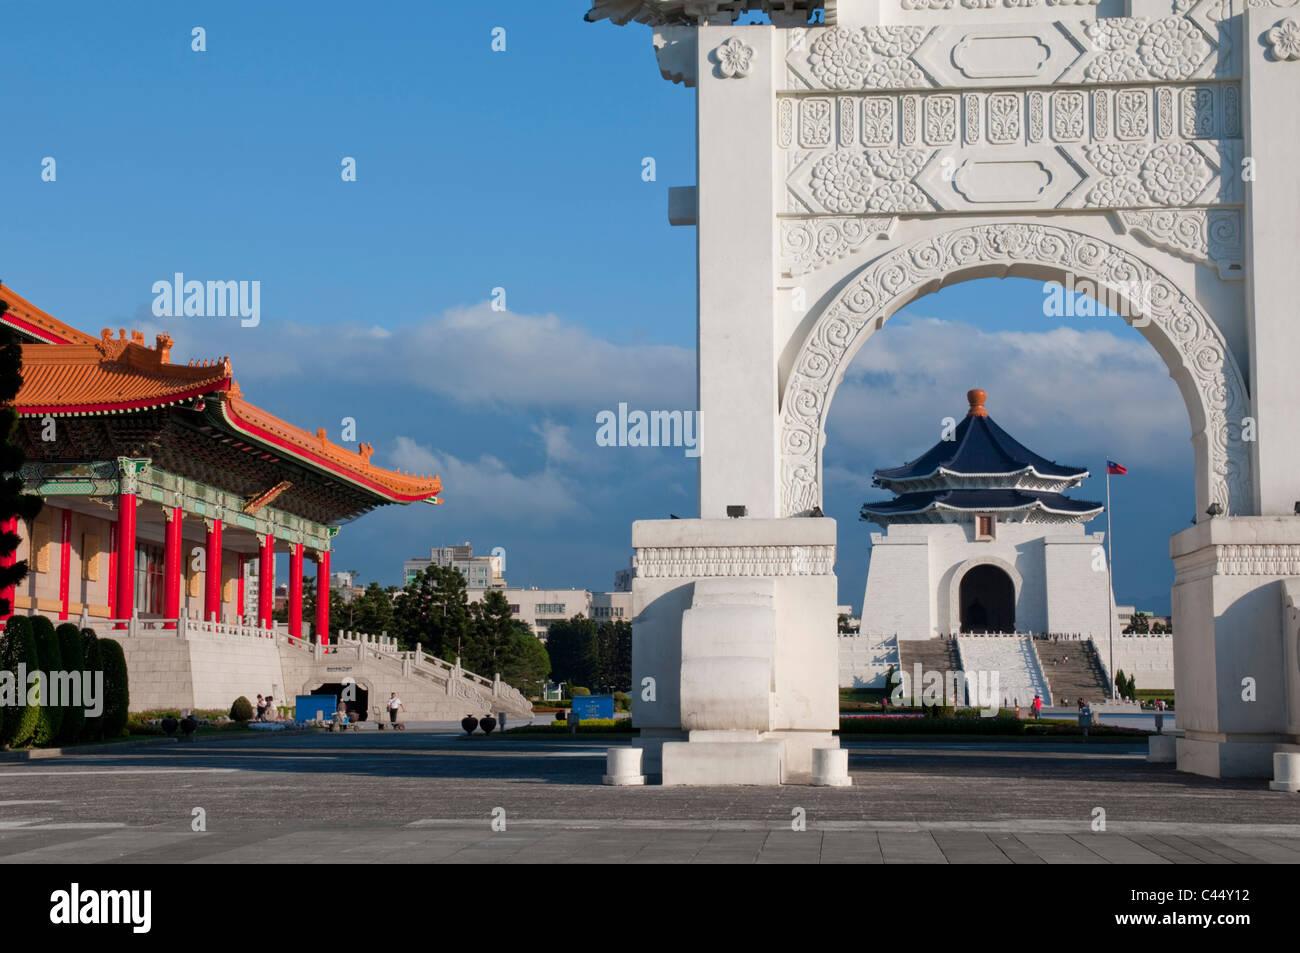 En Asie, Taiwan, Taipei, République de Chine, Chine, ville, capitale, Chiang Kai Shek Memorial Hall,,, la journée, Photo Stock